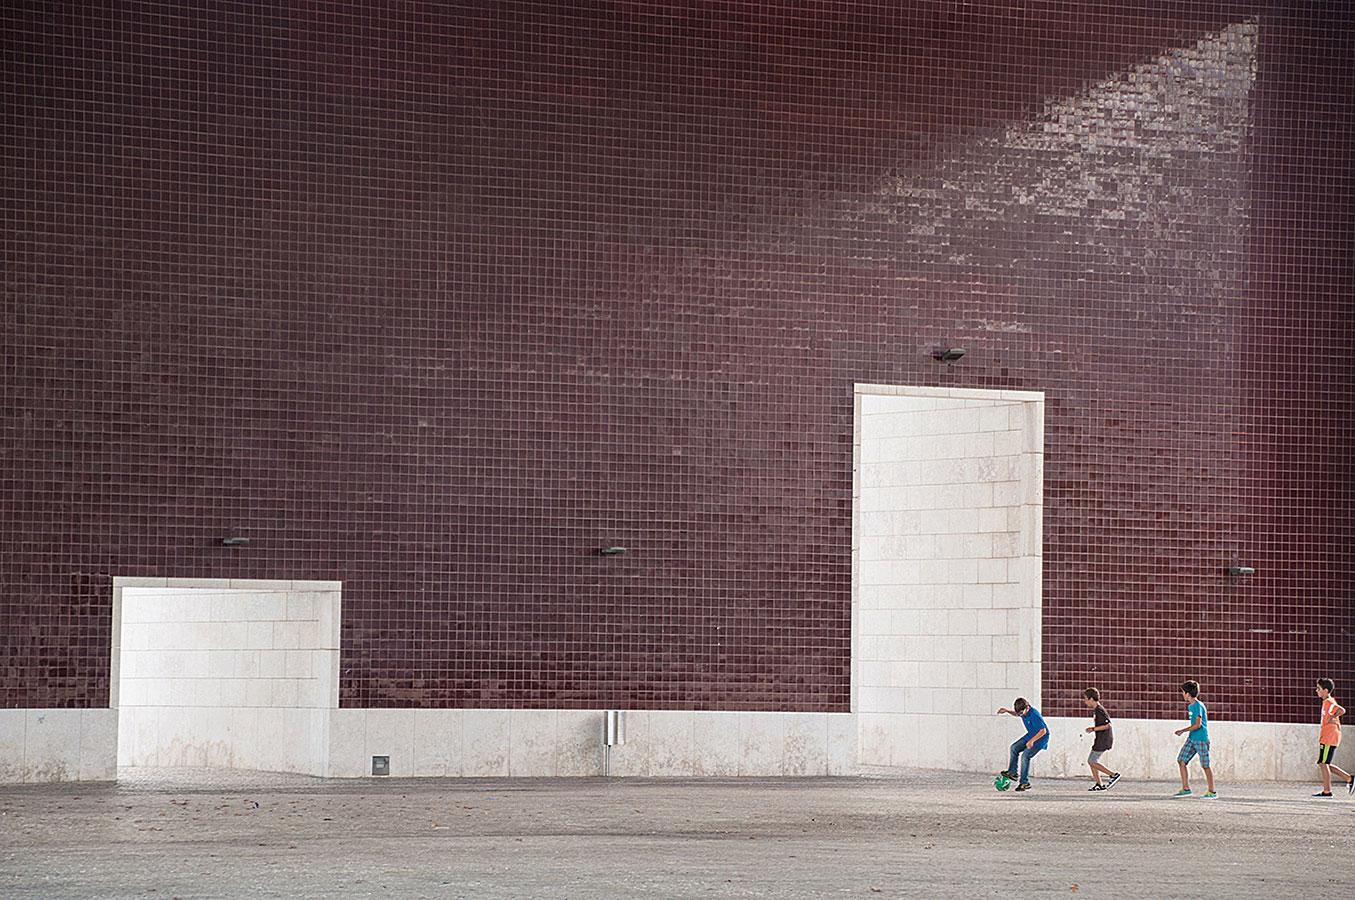 """Partidă de fotbal în pavilionul Portugaliei la EXPO '98, Parque das Nações, Lisabona, Portugalia – ecoul jucătorilor răsuna în pustiul """"ferestrei spre mare"""" a lui Álvaro Siza, un cadru aproape suprarealist."""